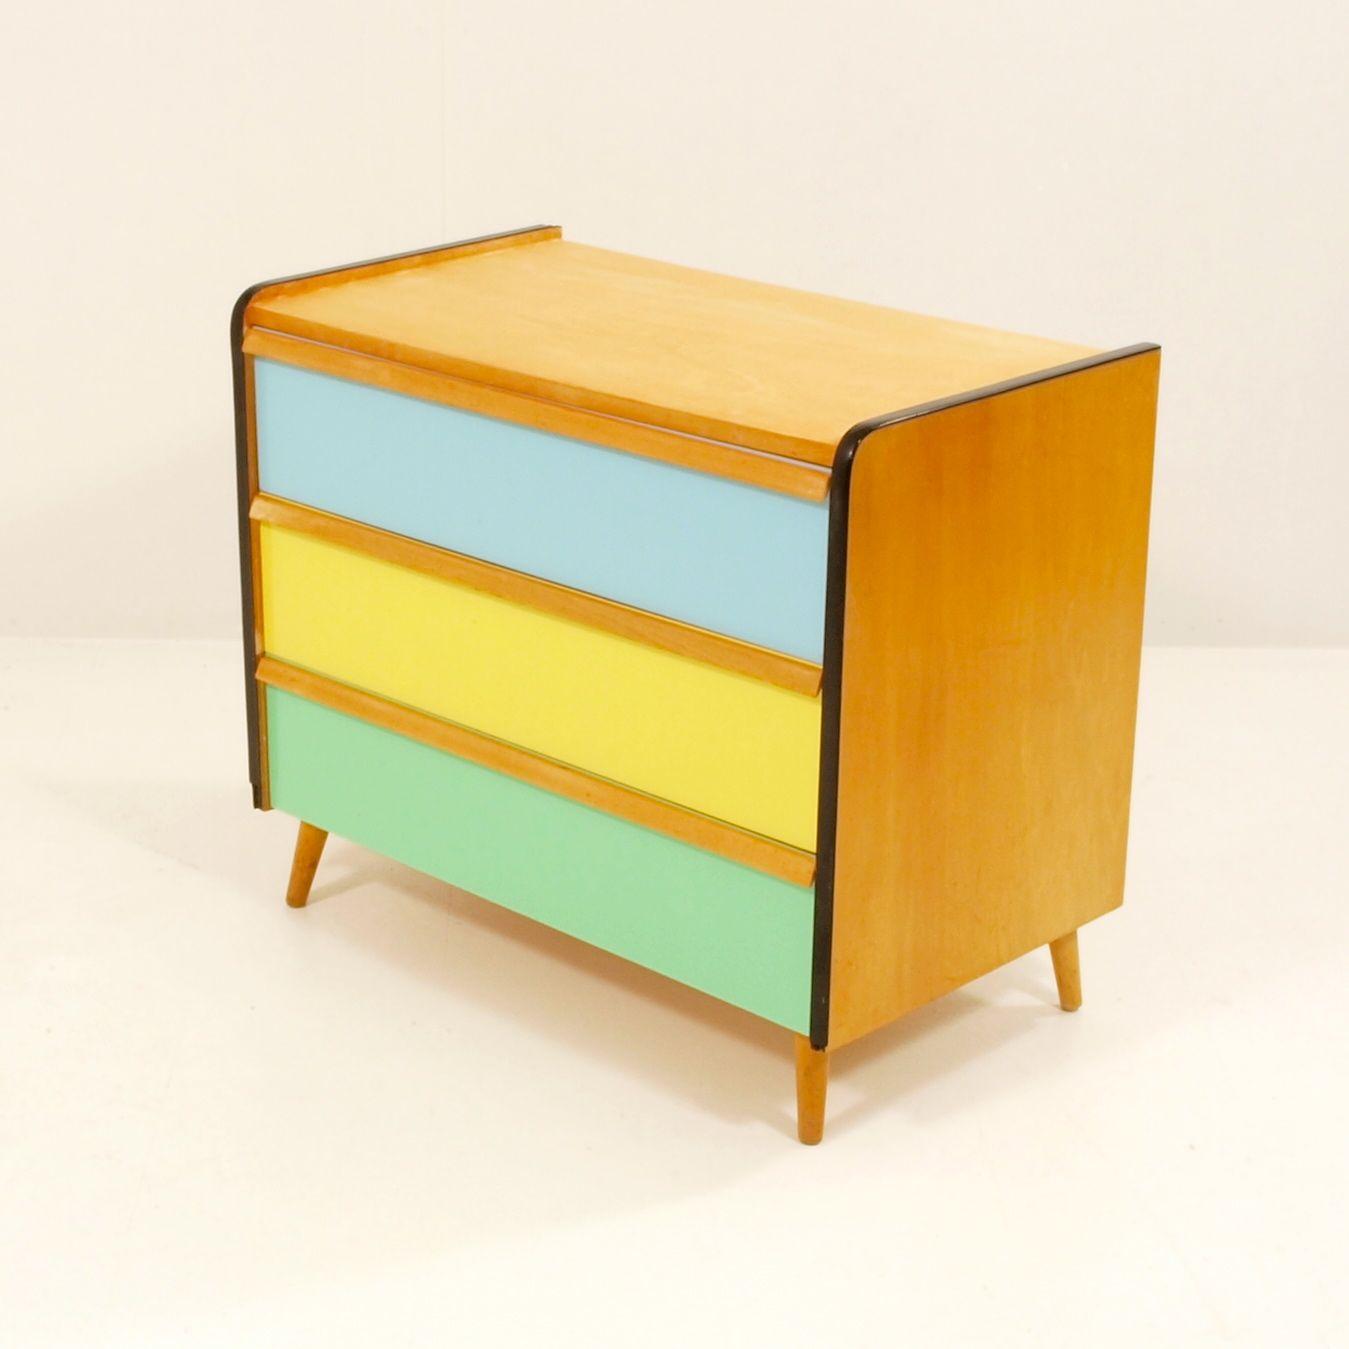 farbige komode komplett restauriert | möbel zürich | vintagemöbel